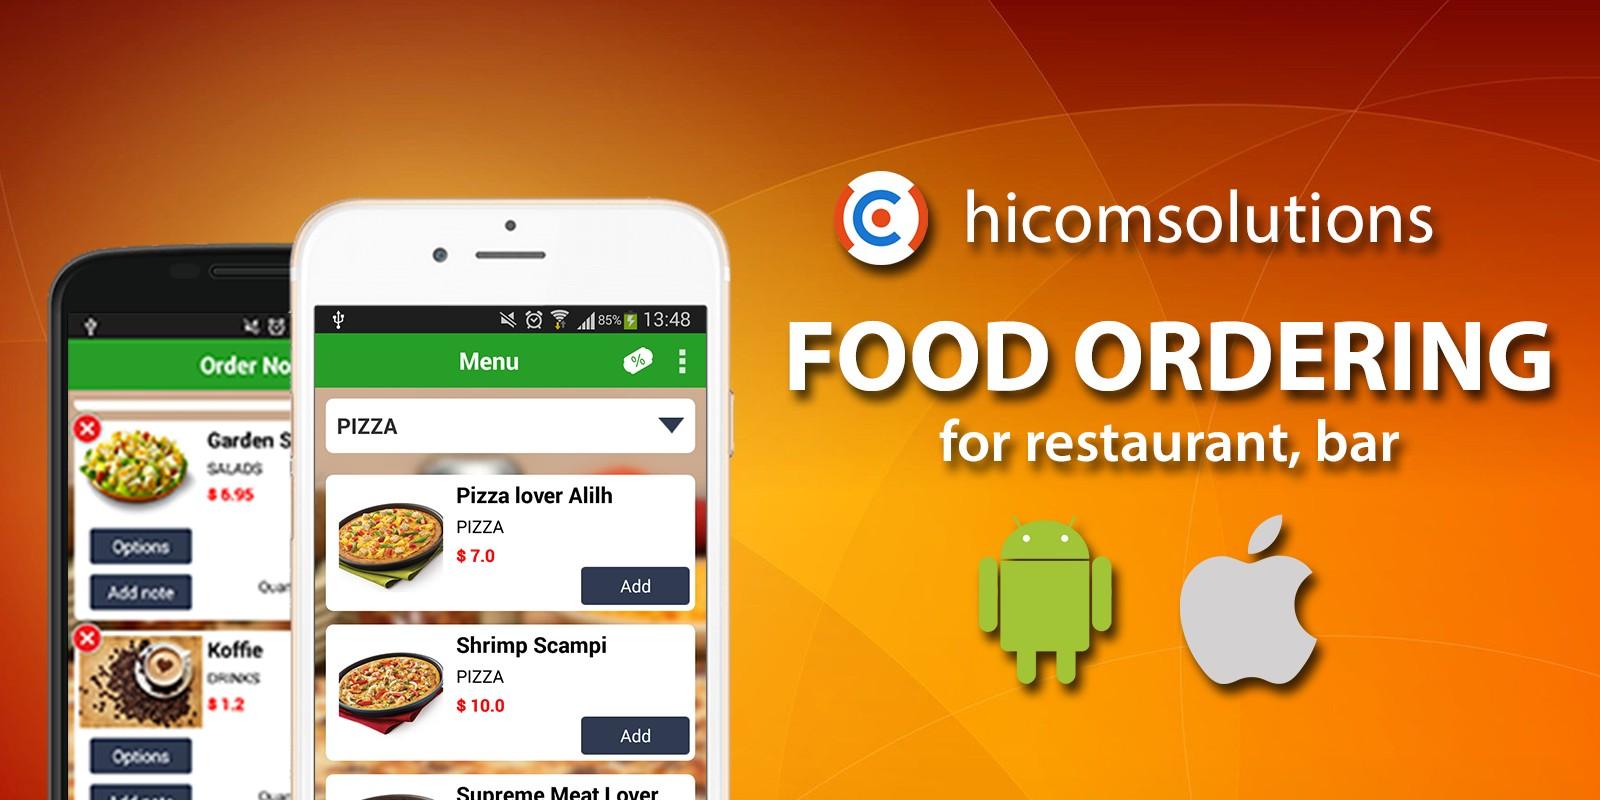 Food Ordering - iOS Source Code